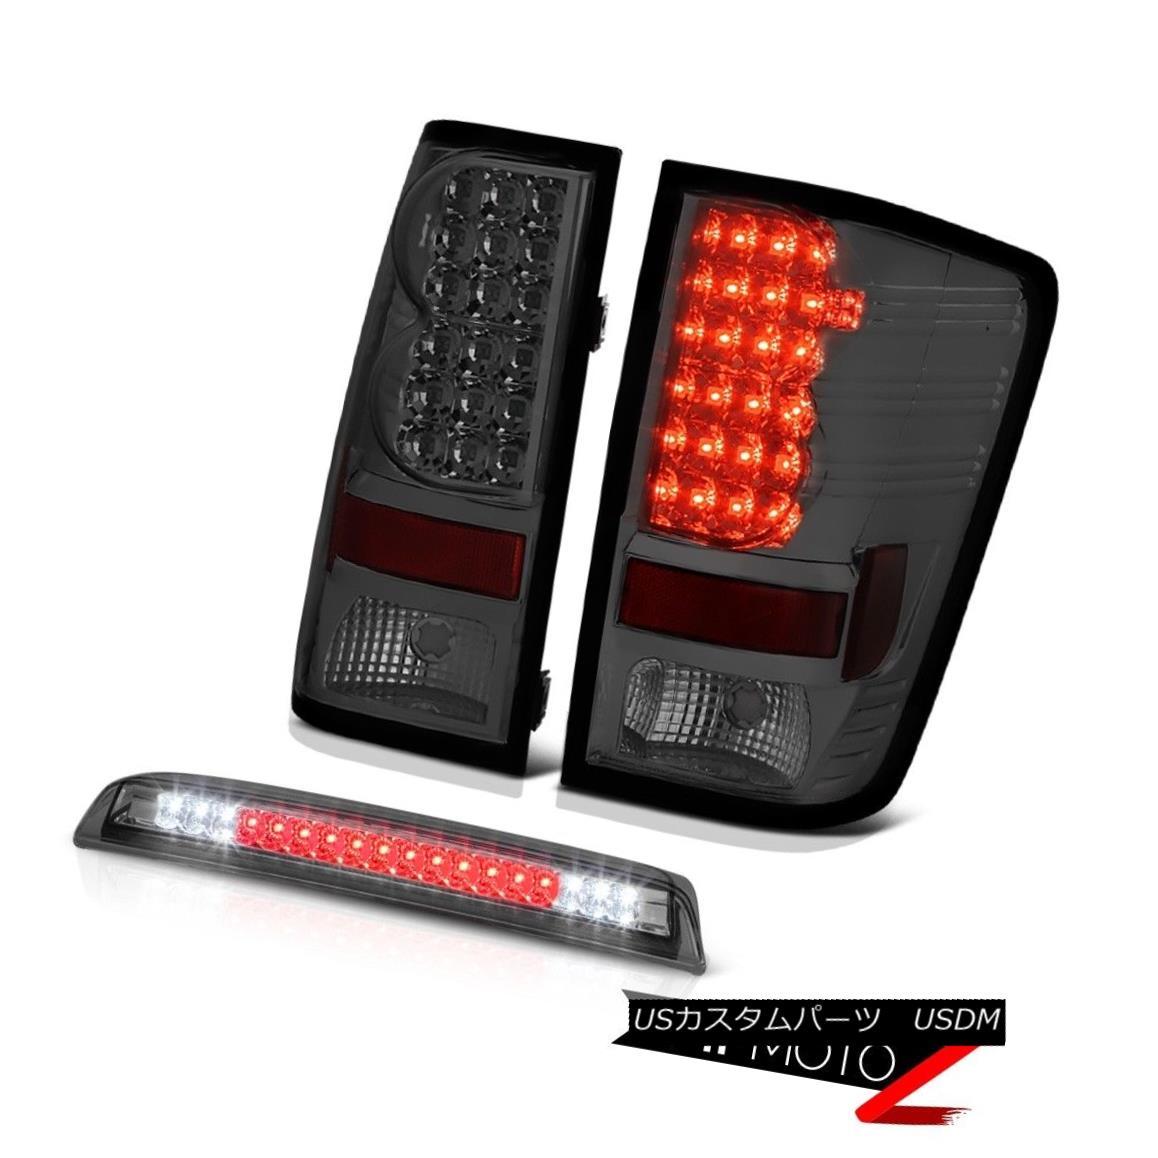 テールライト For 2004-2015 Titan NEW Smoke LED Tail Lights Lamp Tinted 3rd Brake Cargo Roof 2004年?2015年Titan NEW Smoke LEDテールライトランプ、第3ブレーキカーゴルーフ